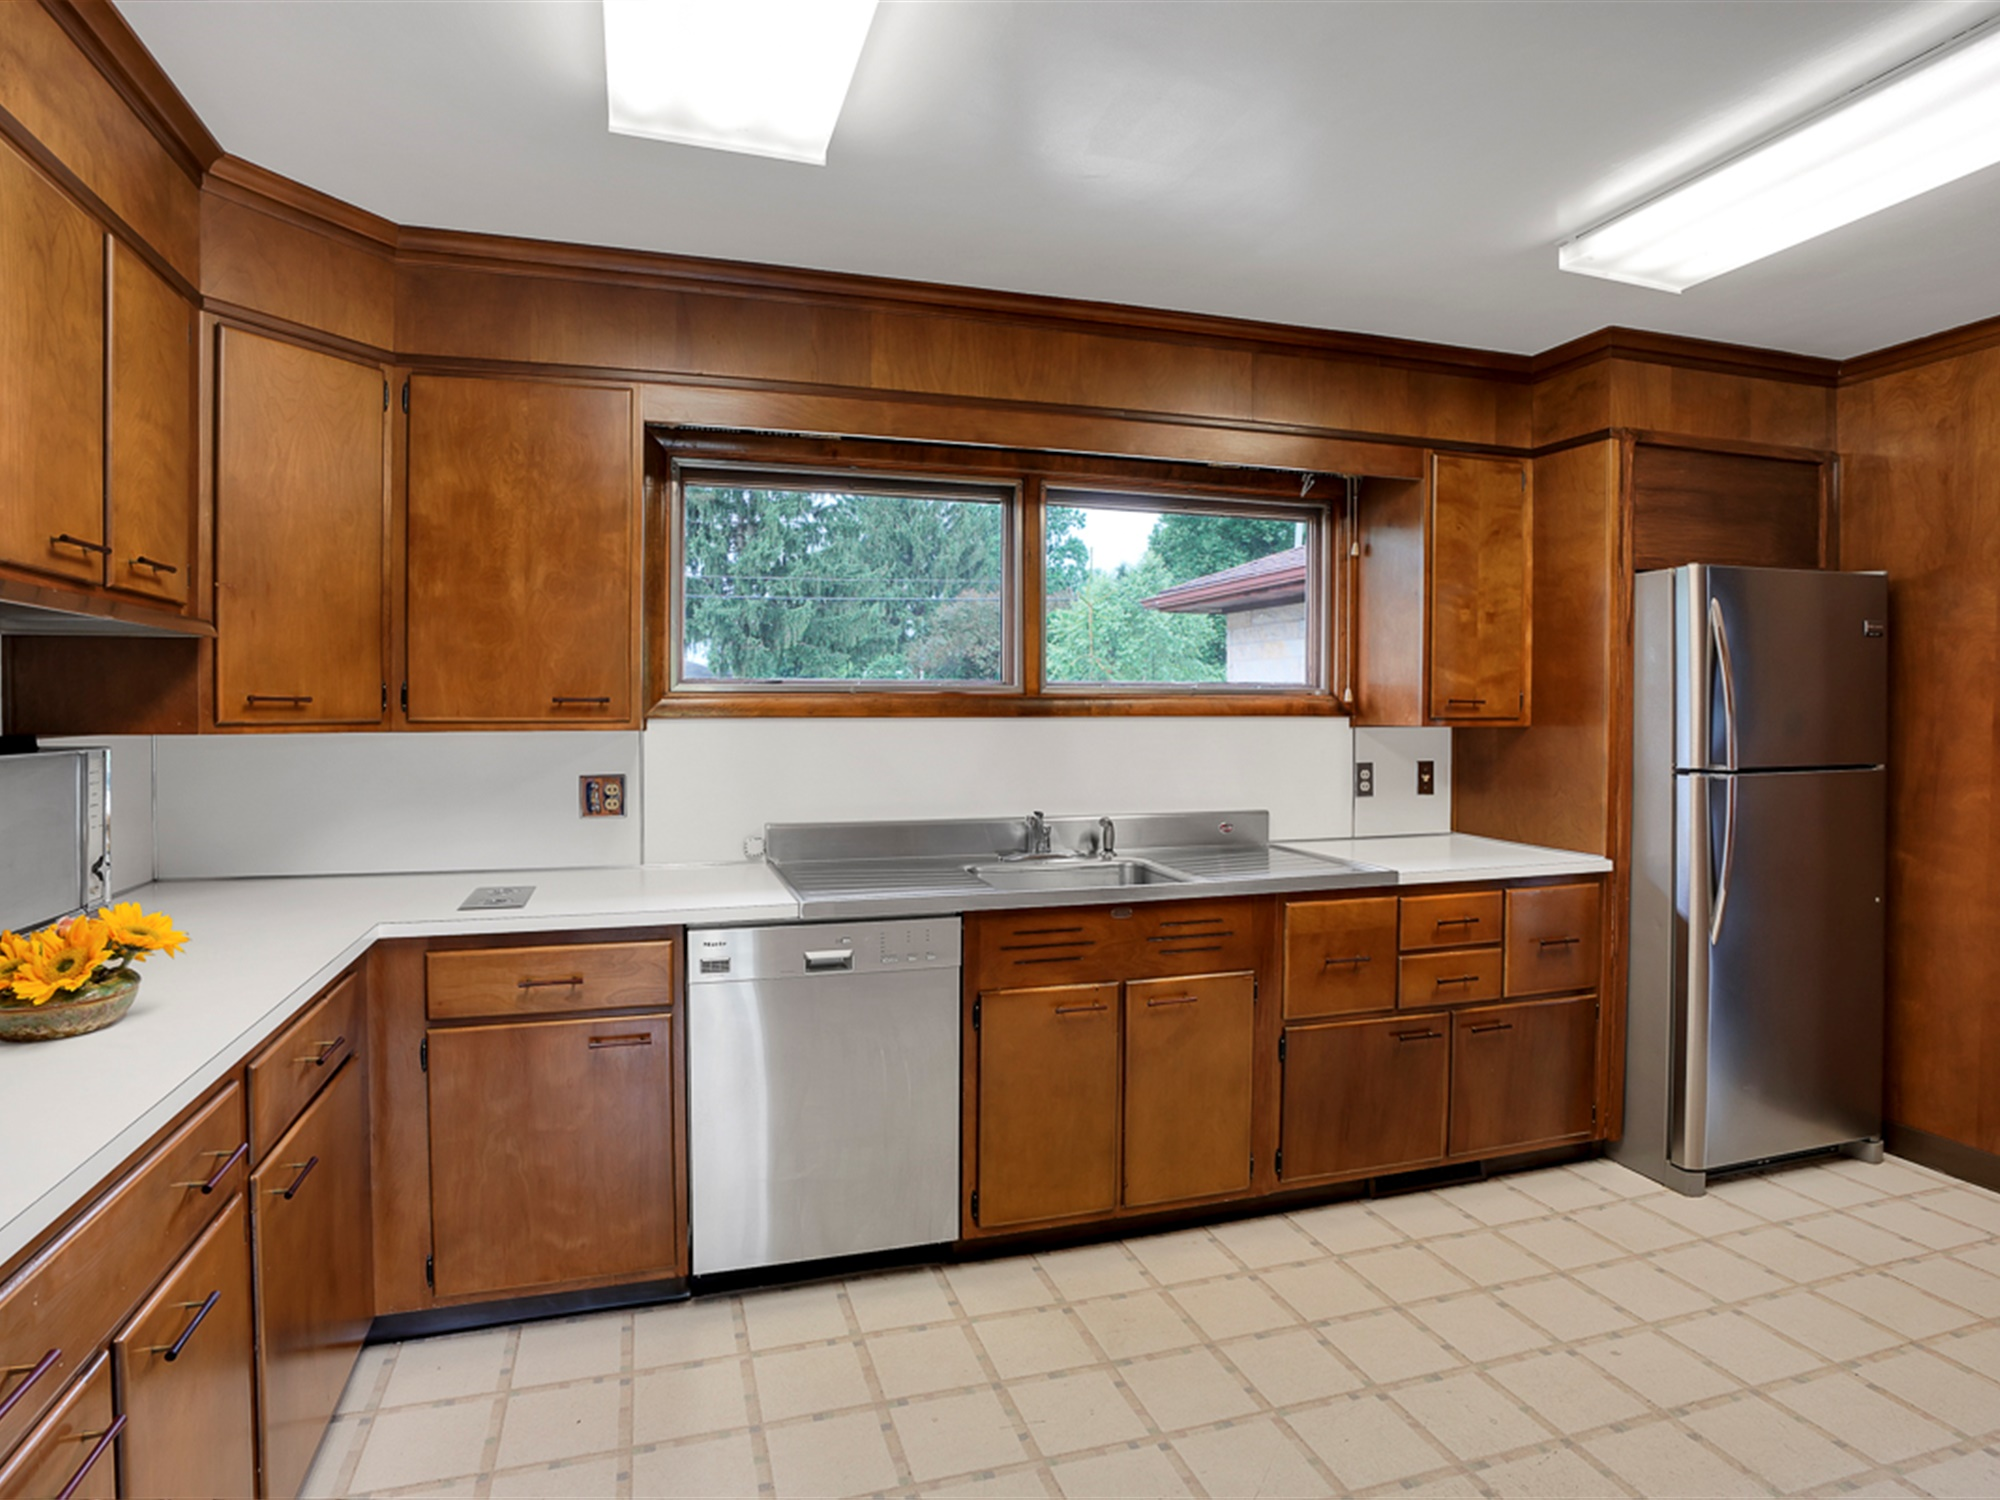 964 Reber St -Kitchen 3